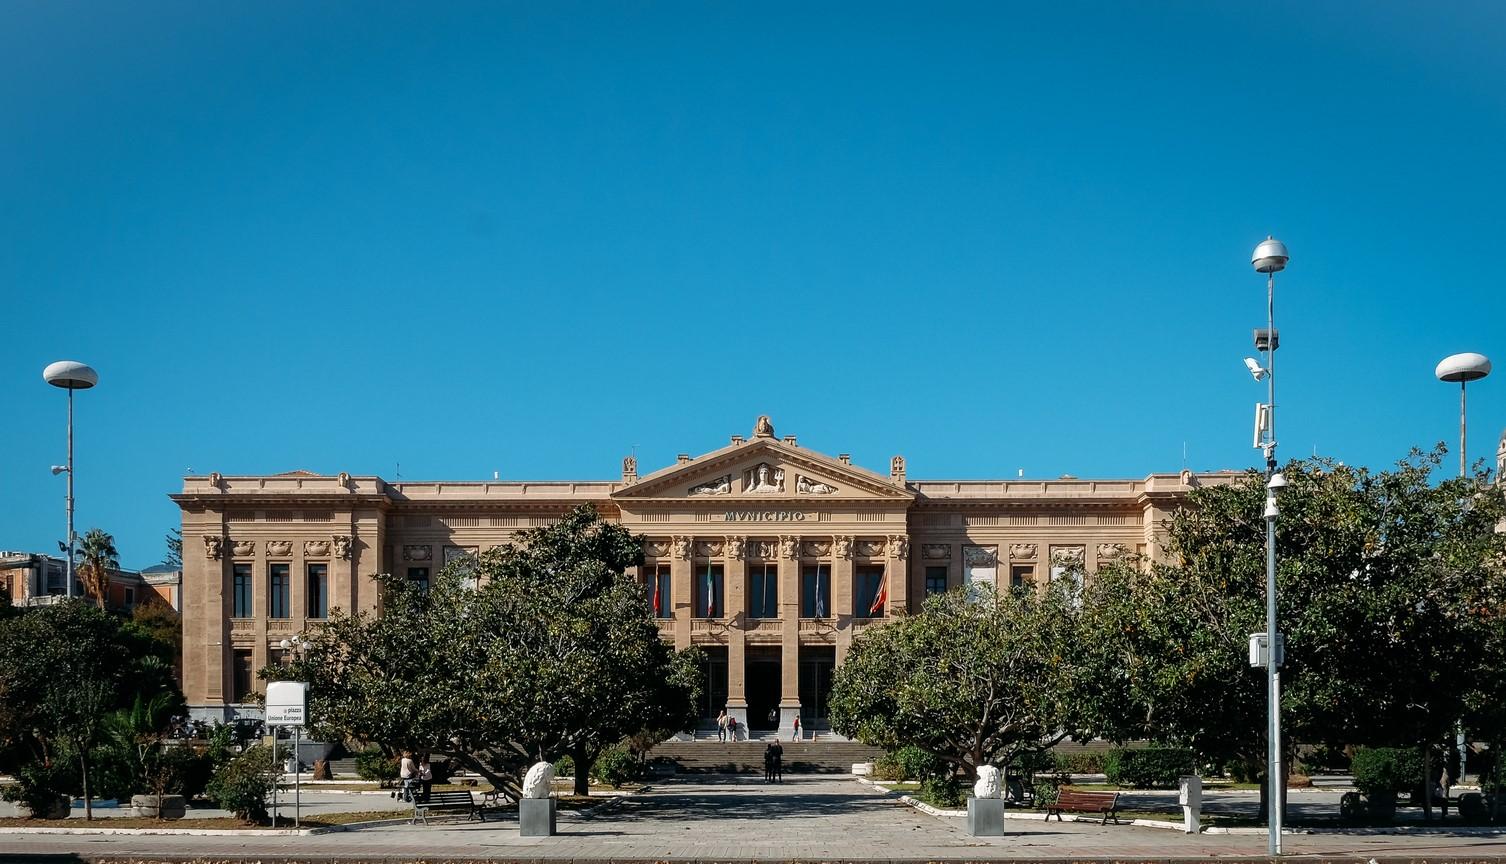 PIazza Municipio, Palazzo Zanca, municipio,